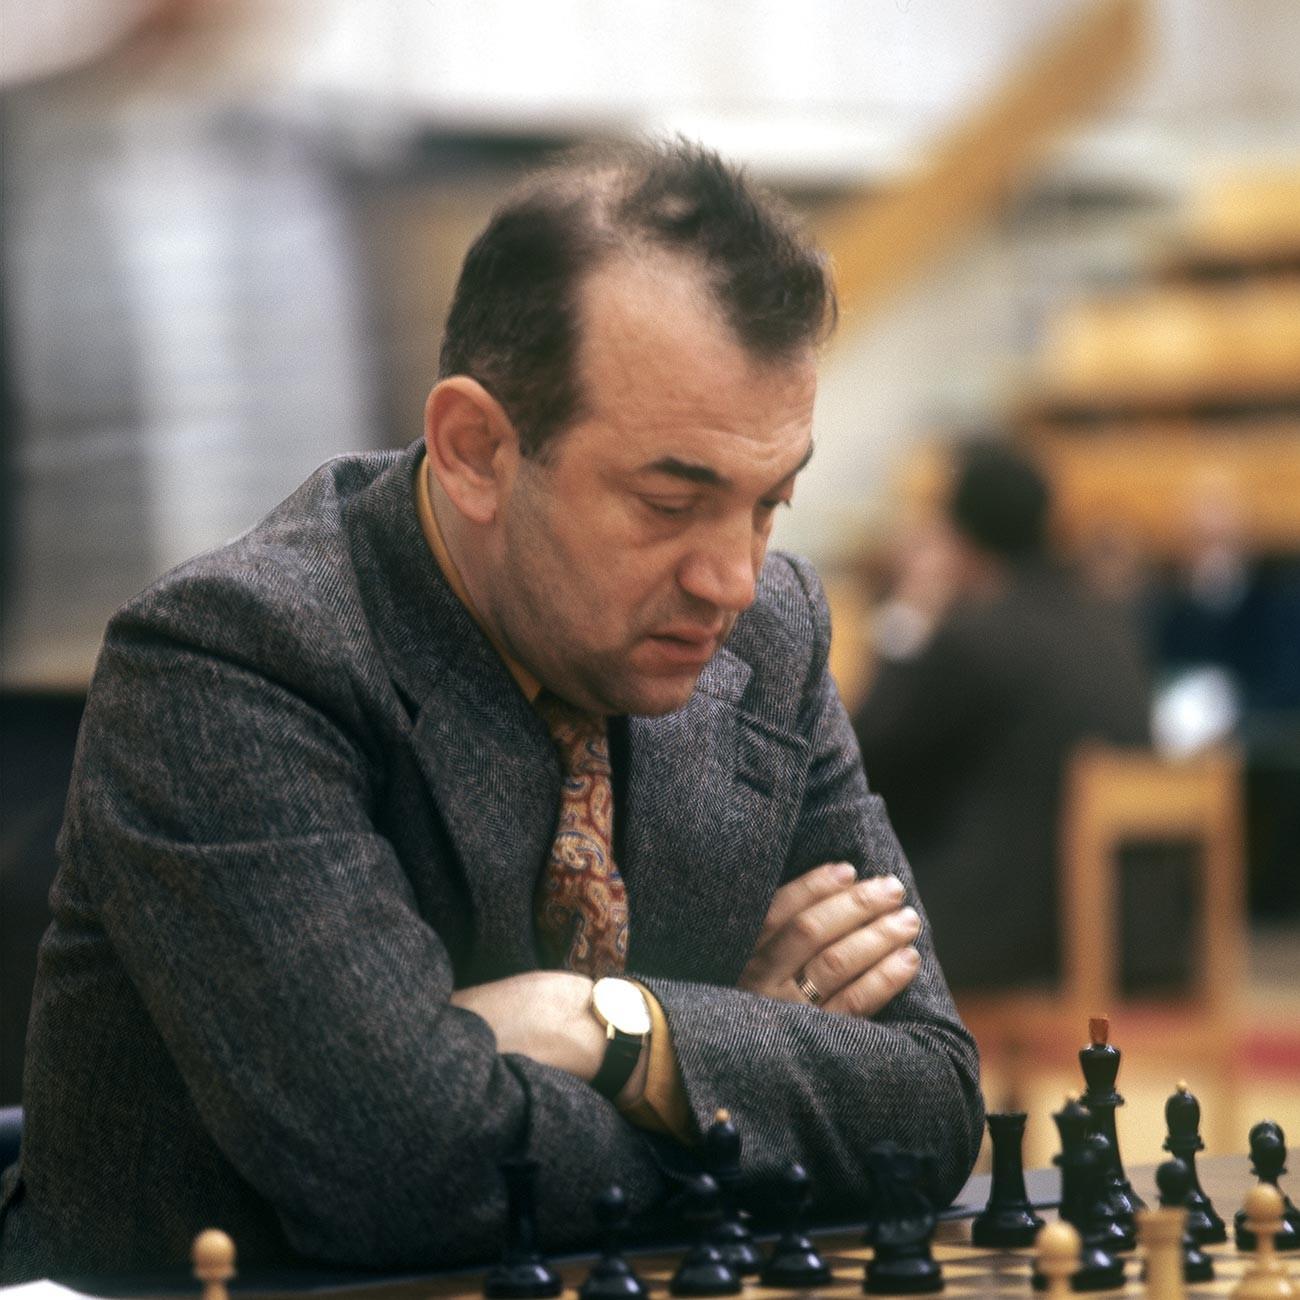 Международный гроссмейстер Виктор Корчной.